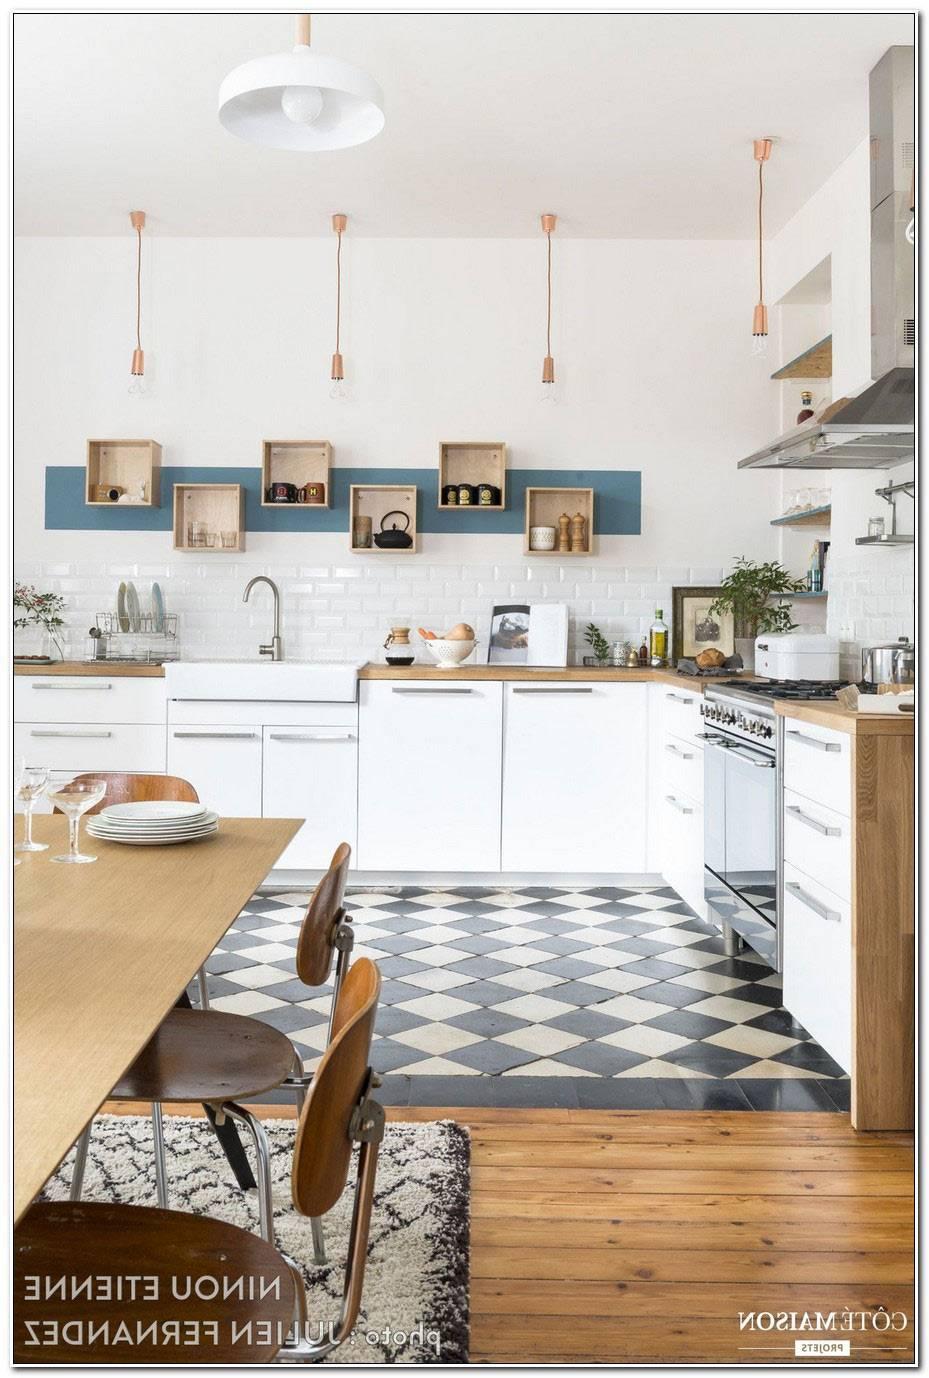 Cuisine Moderne Maison Bourgeoise